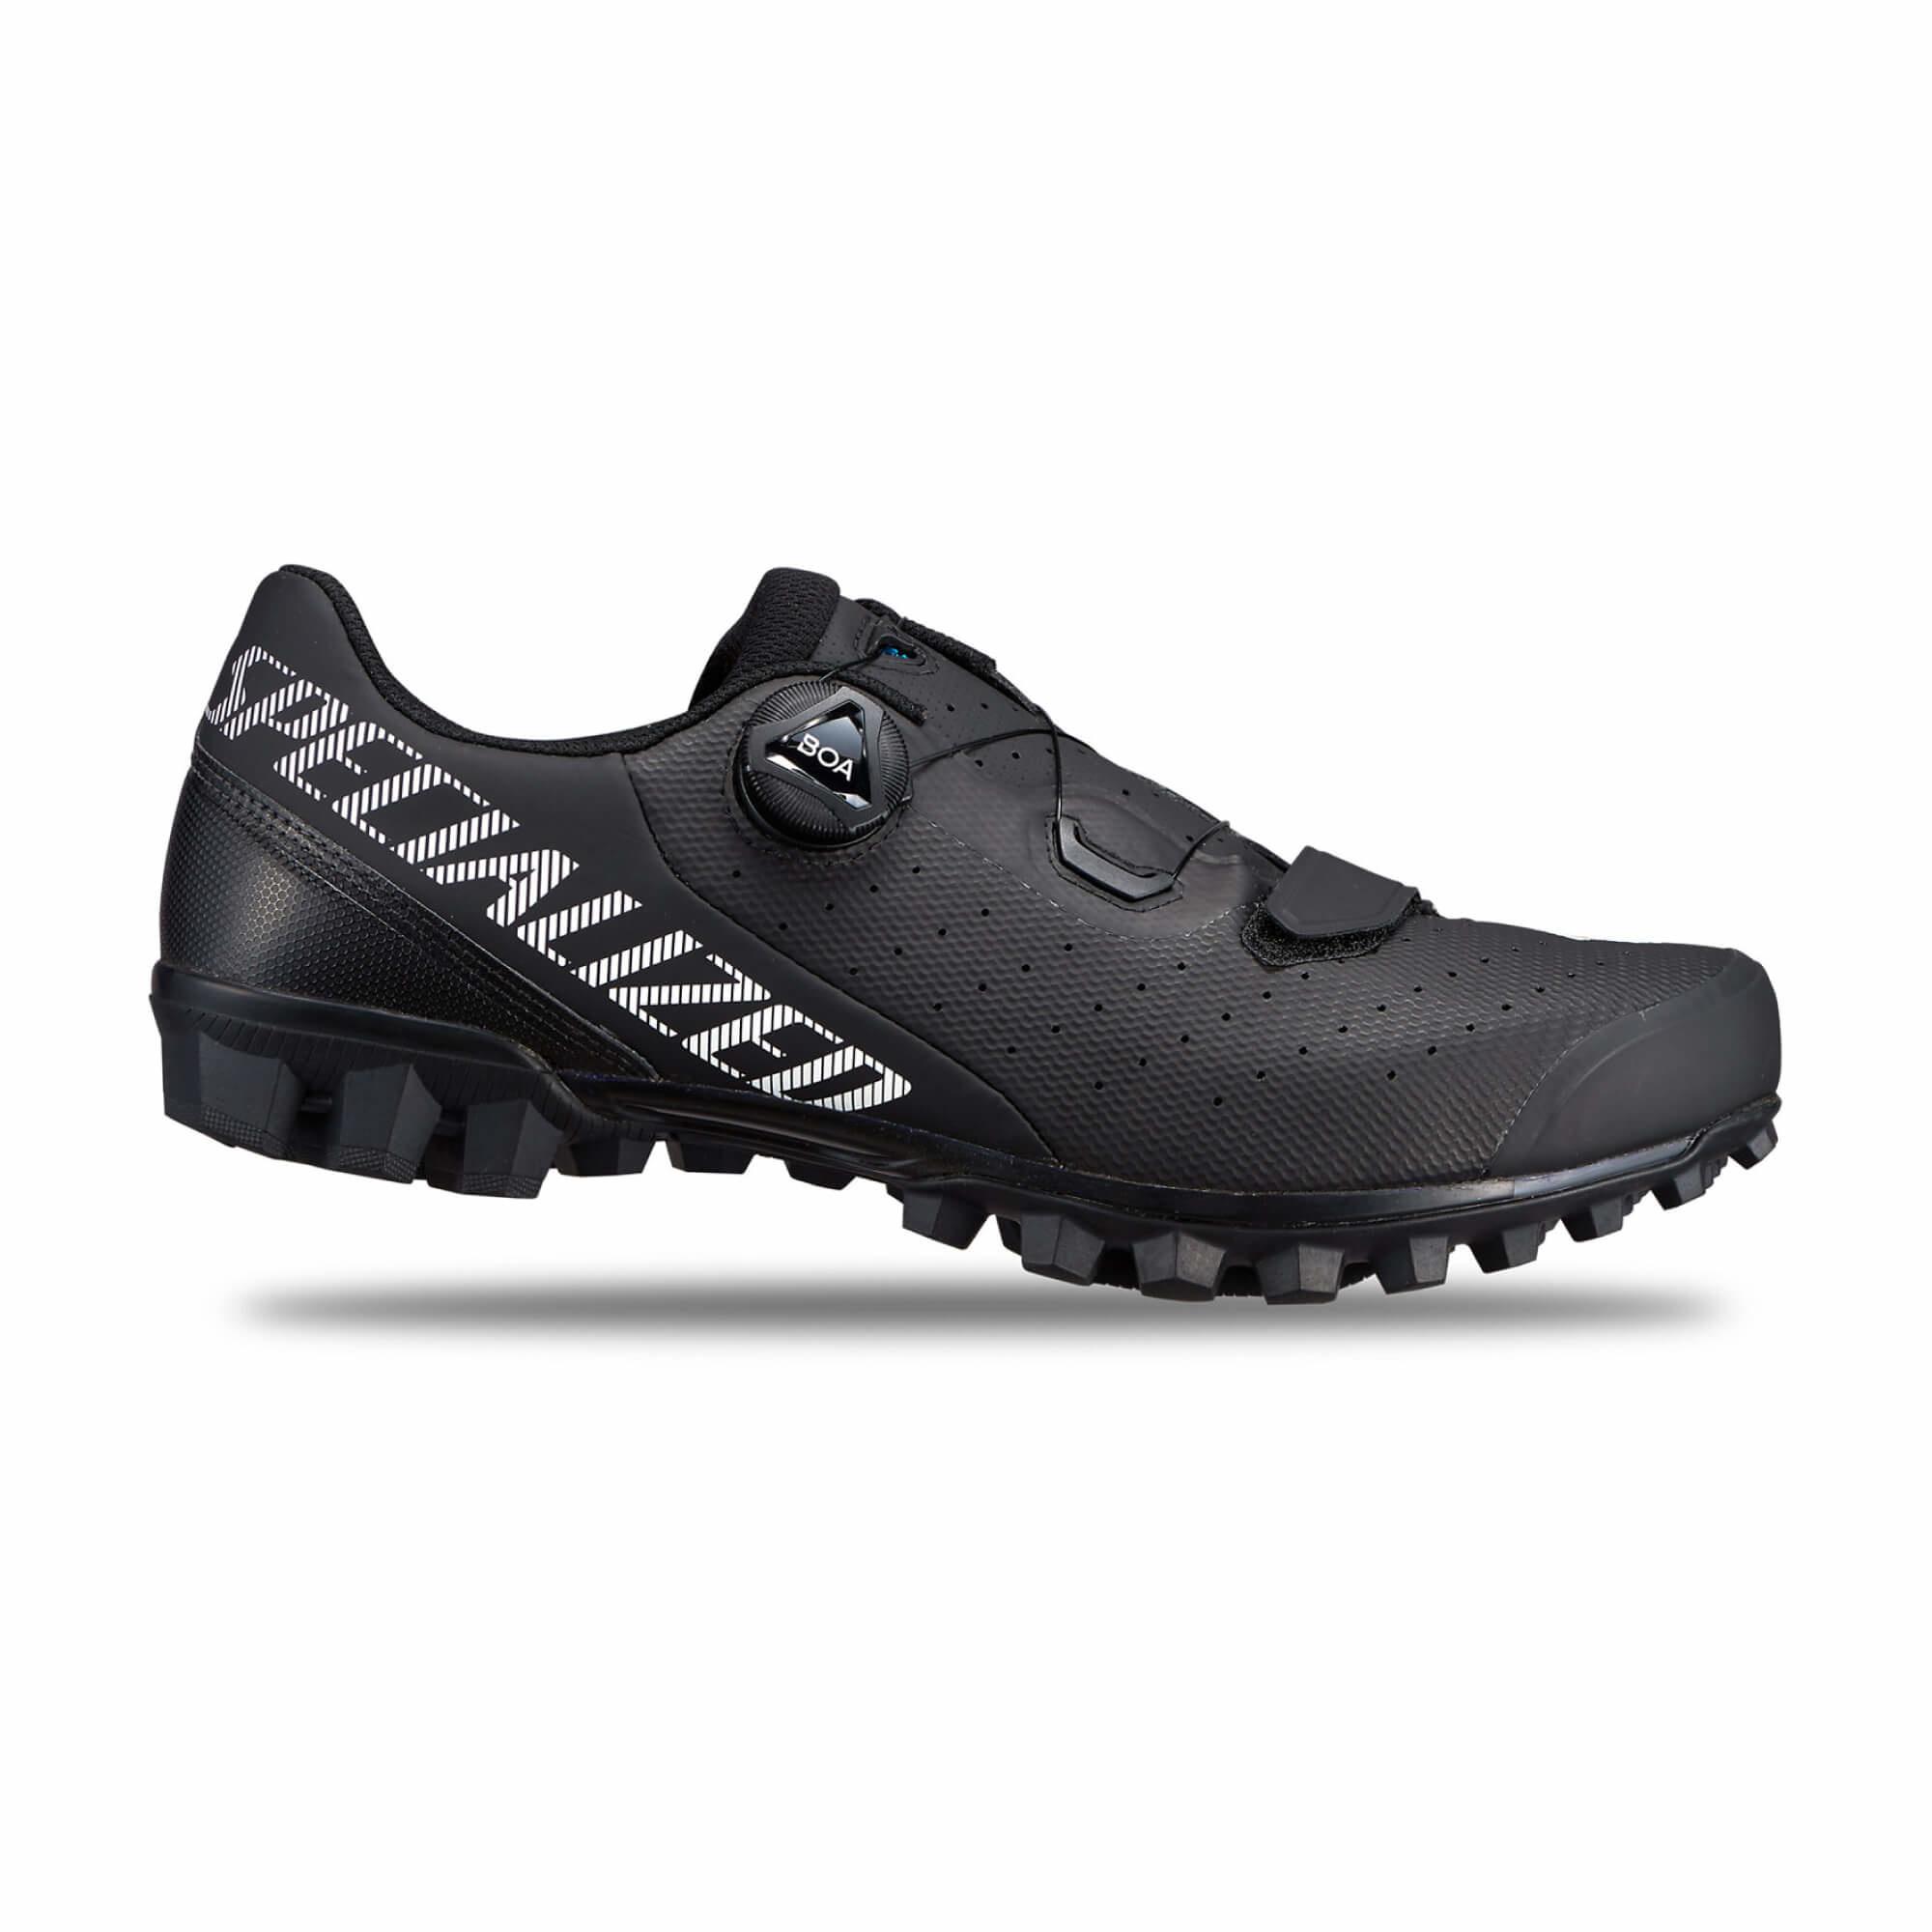 Recon 2.0 Mountain Bike Shoes-1